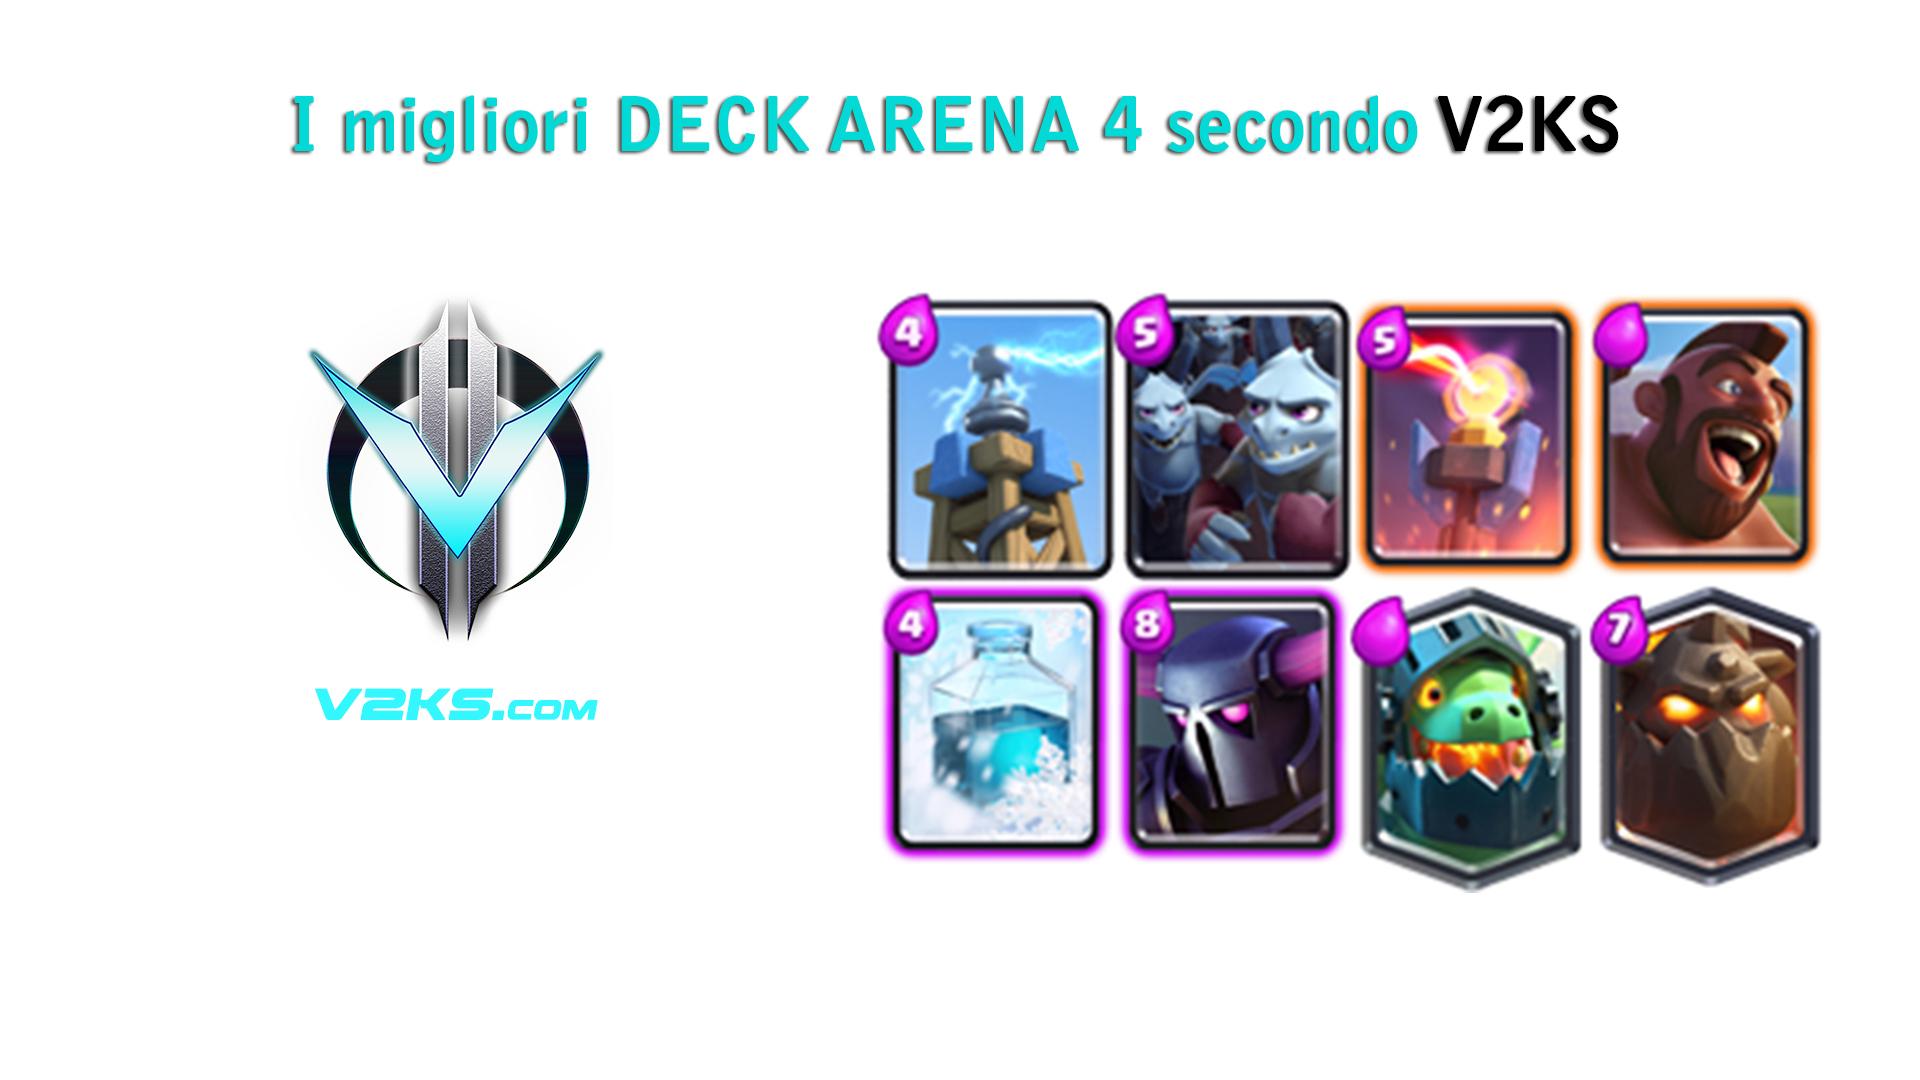 i migliori deck arena 4